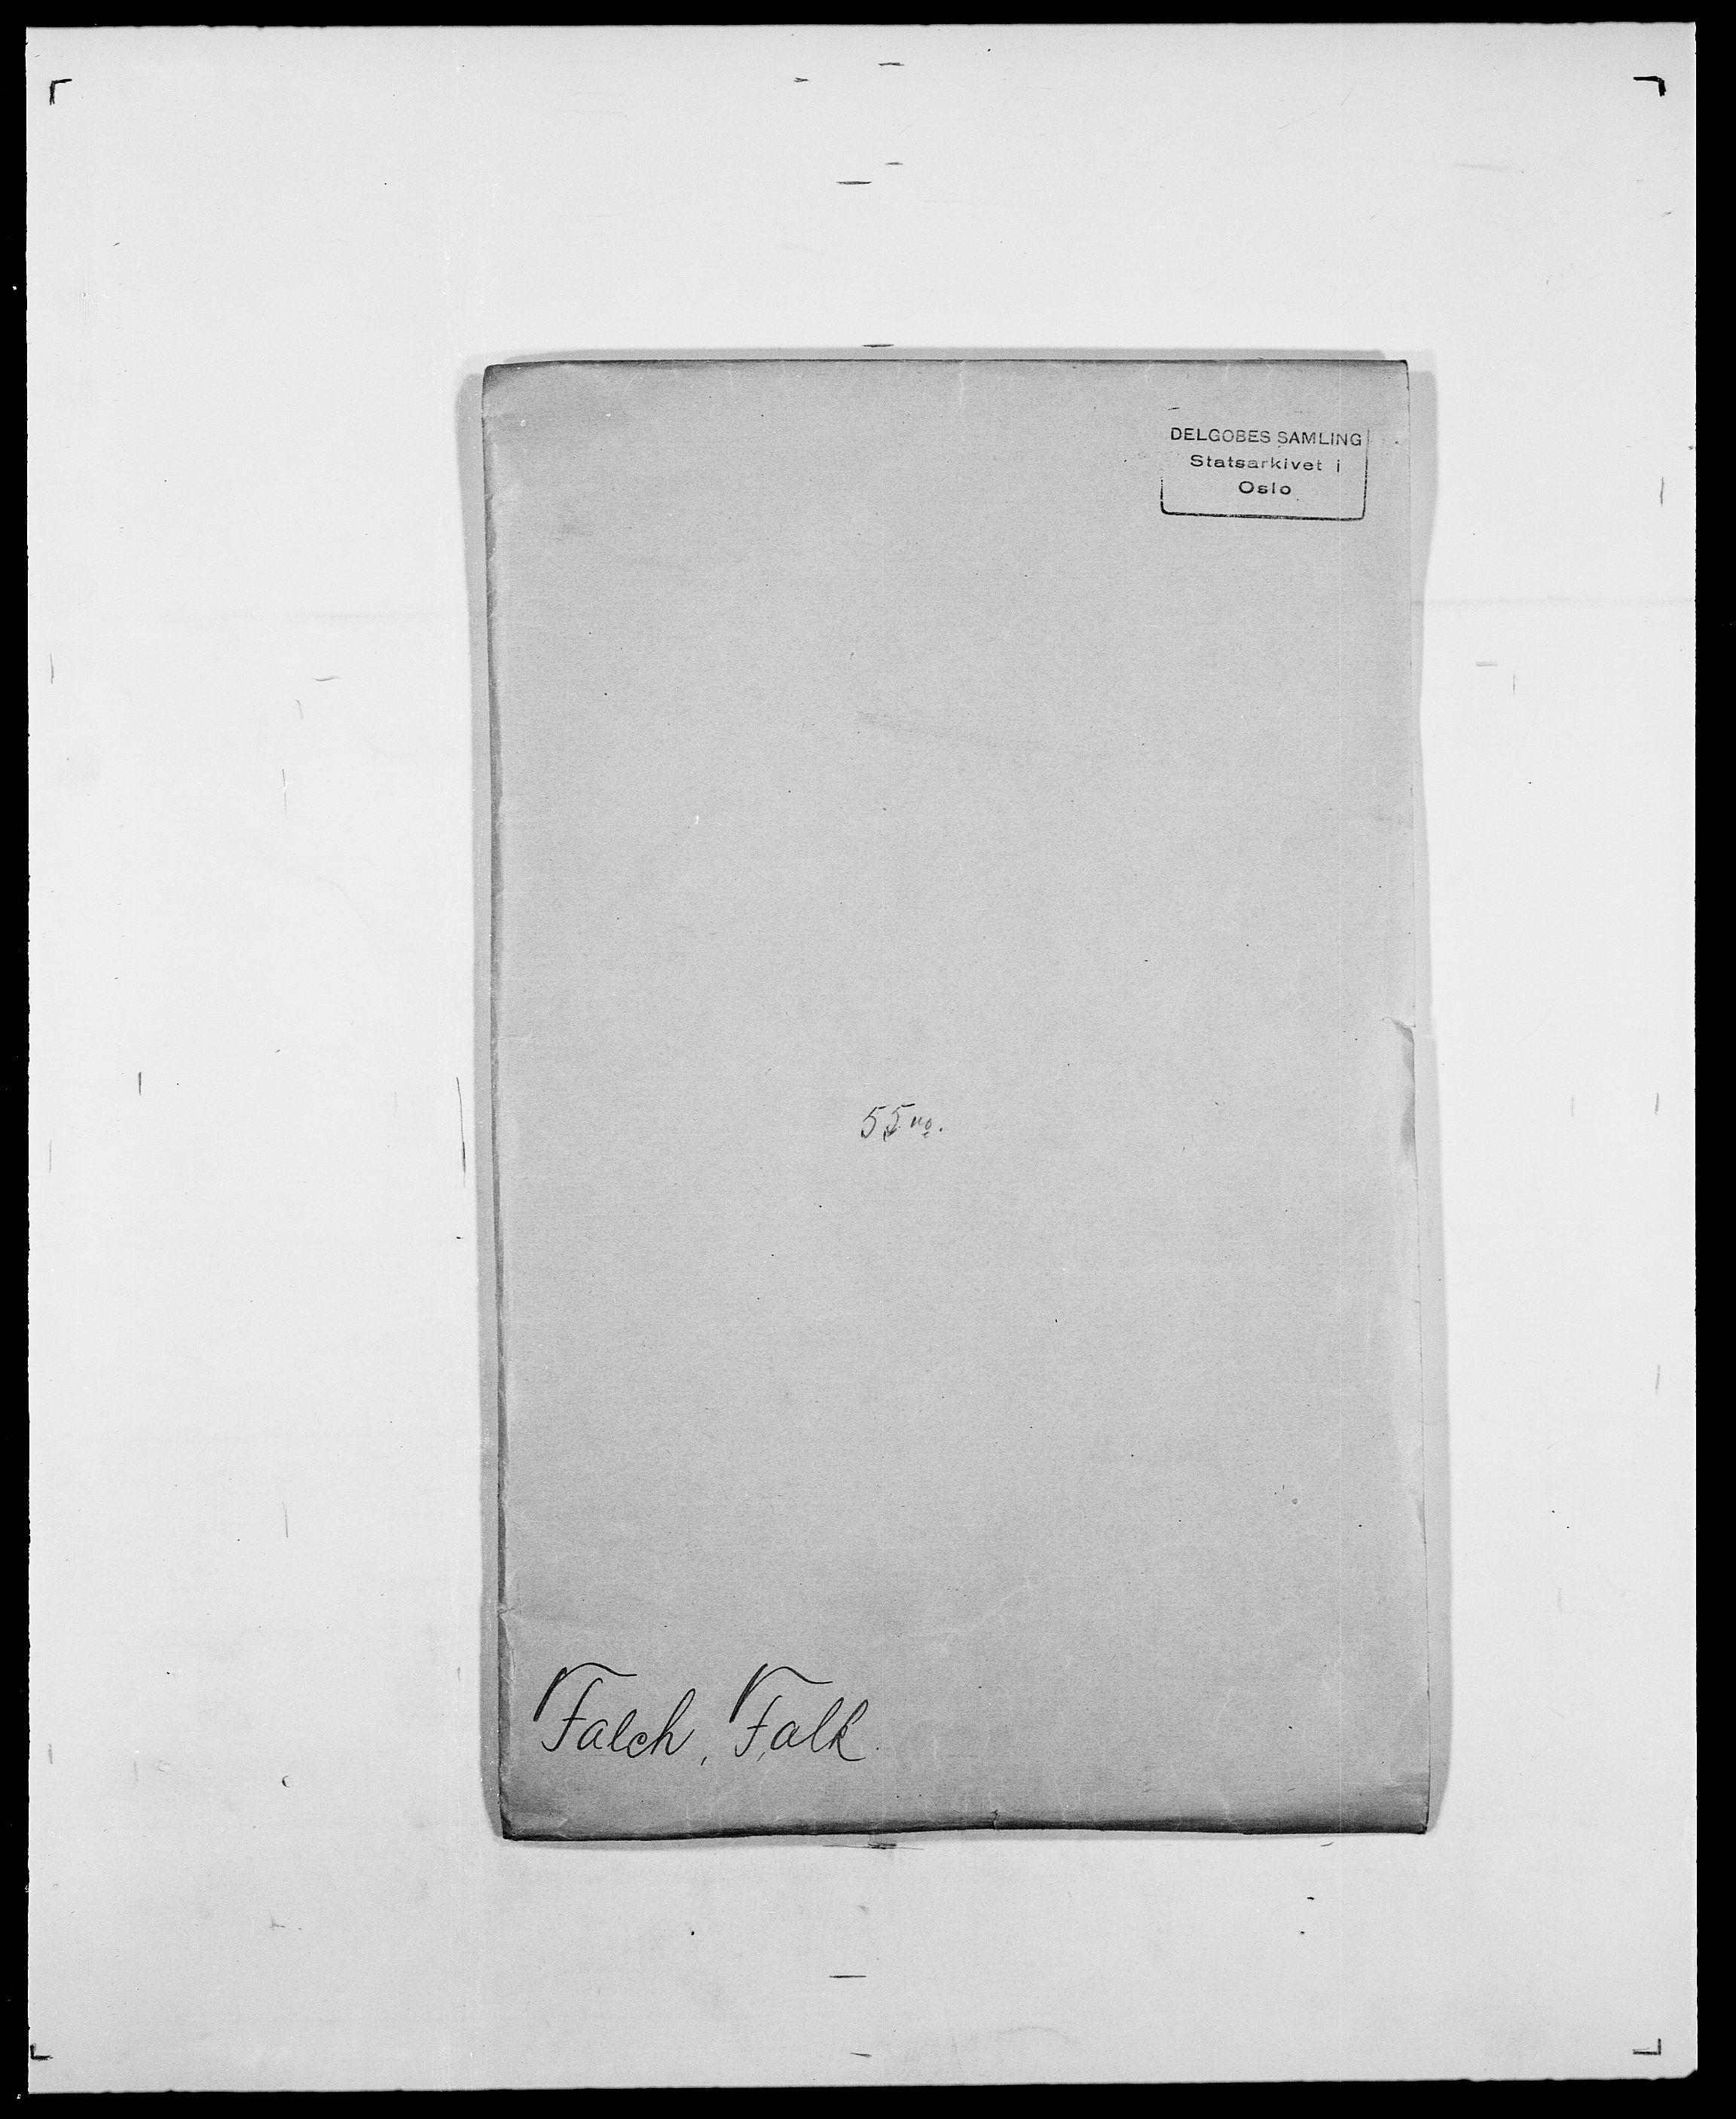 SAO, Delgobe, Charles Antoine - samling, D/Da/L0011: Fahlander - Flood, Flod, s. 18